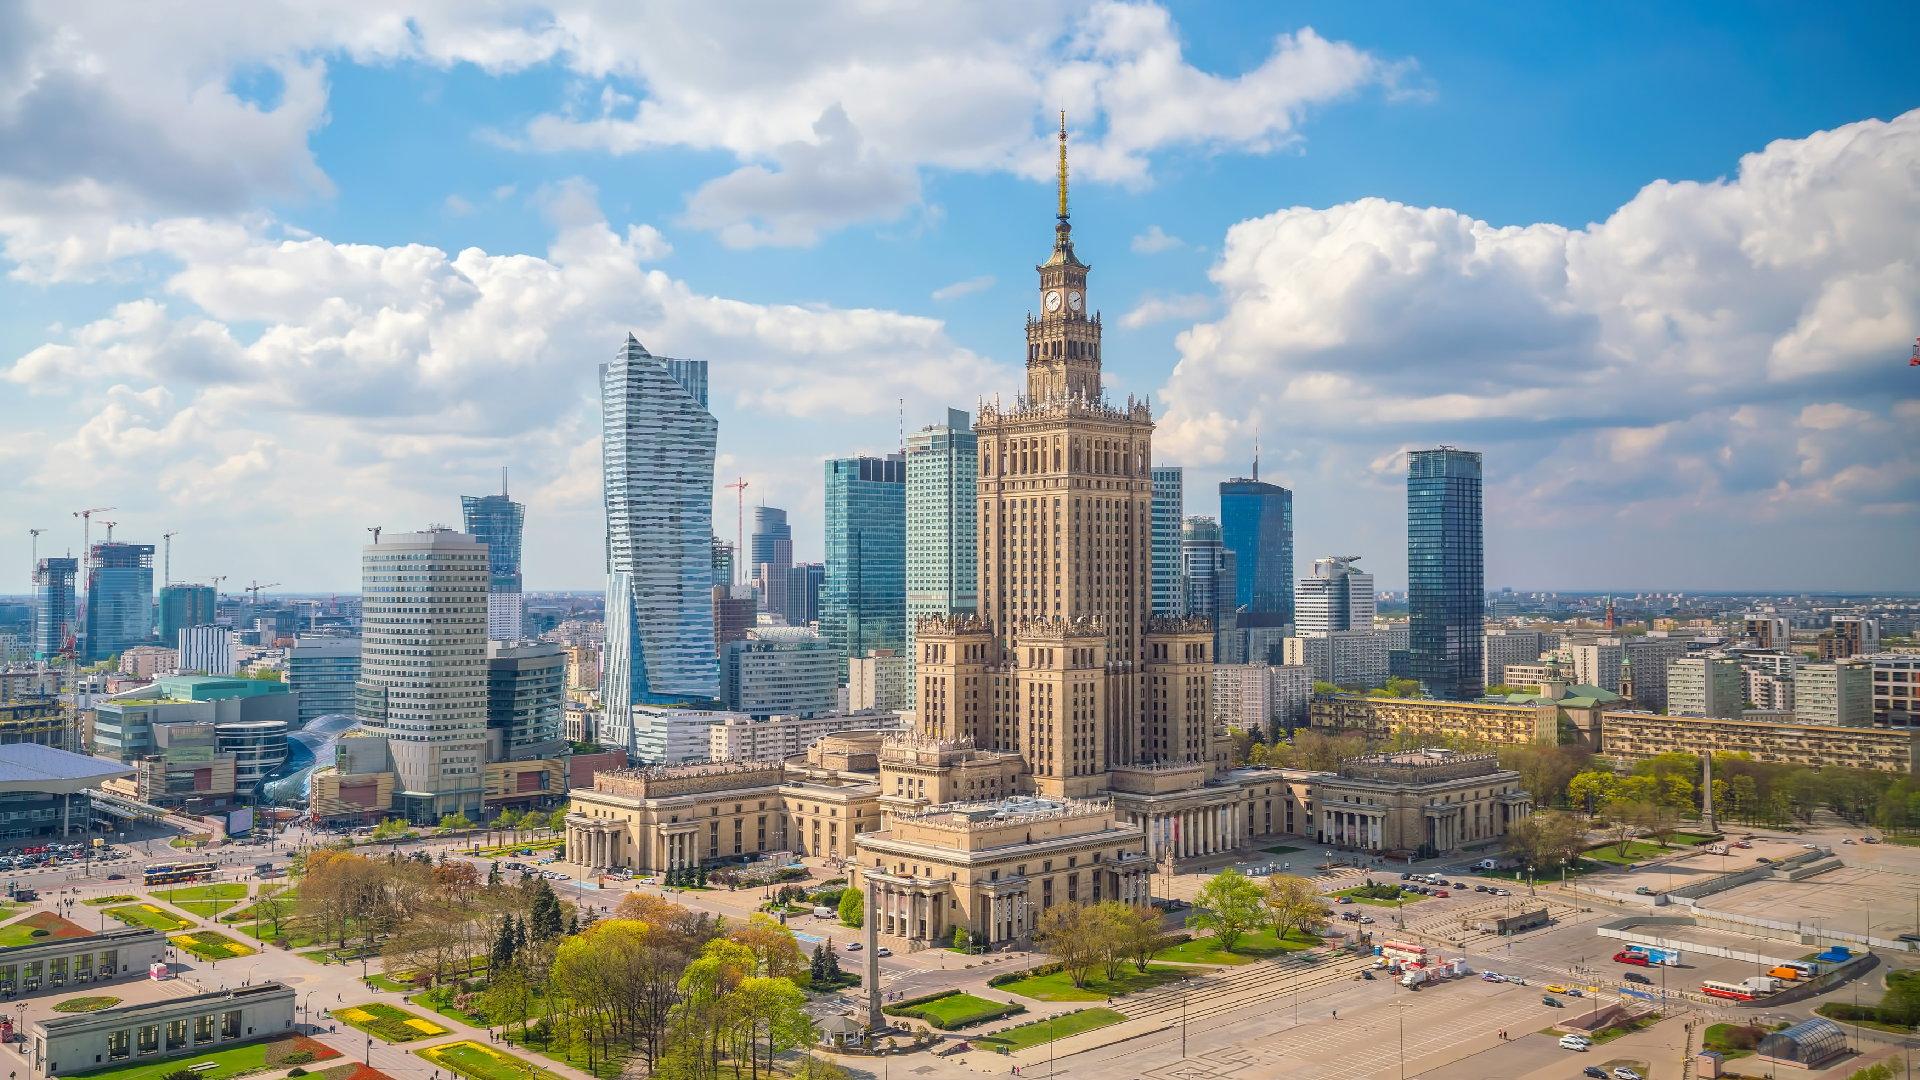 Varšava památky a zajímavosti – Co rozhodně neminout